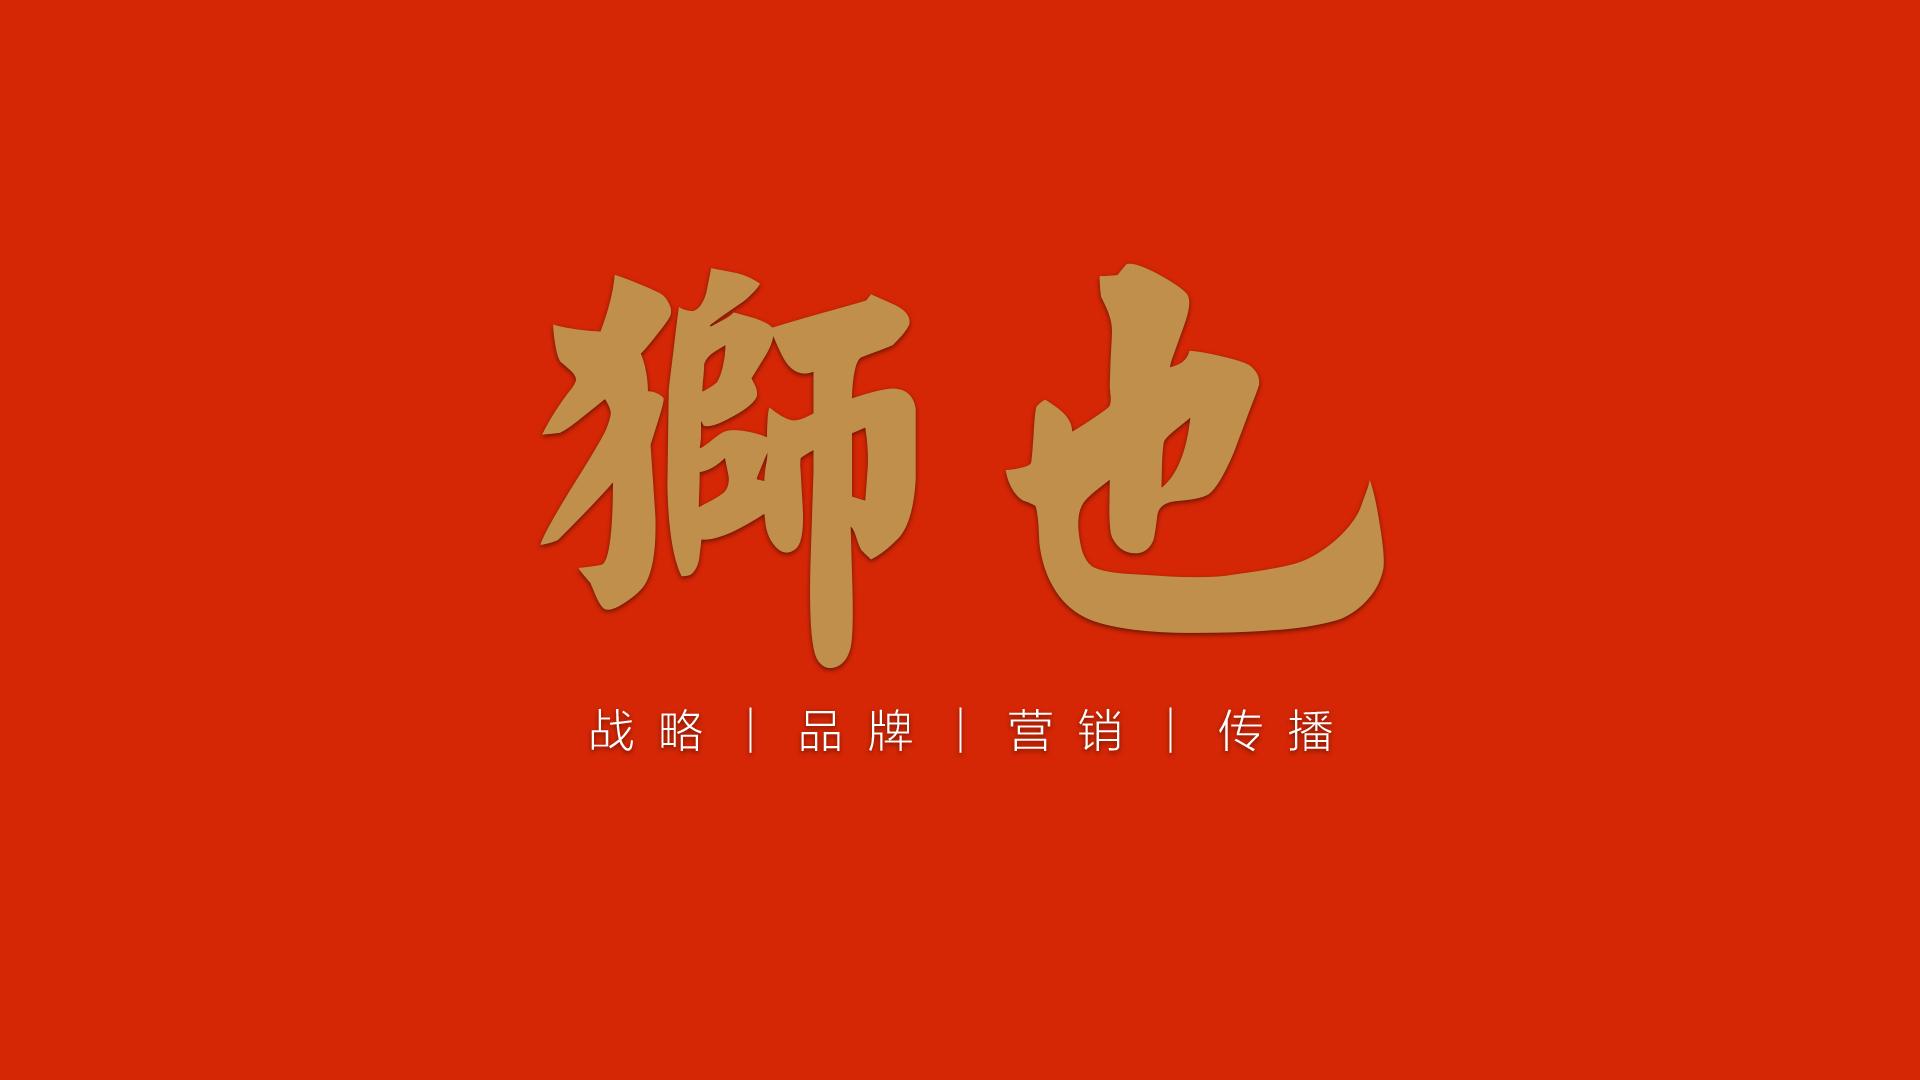 市场营销战略的制定和实施—山东济南狮也战略品牌营销策划咨询顾问公司